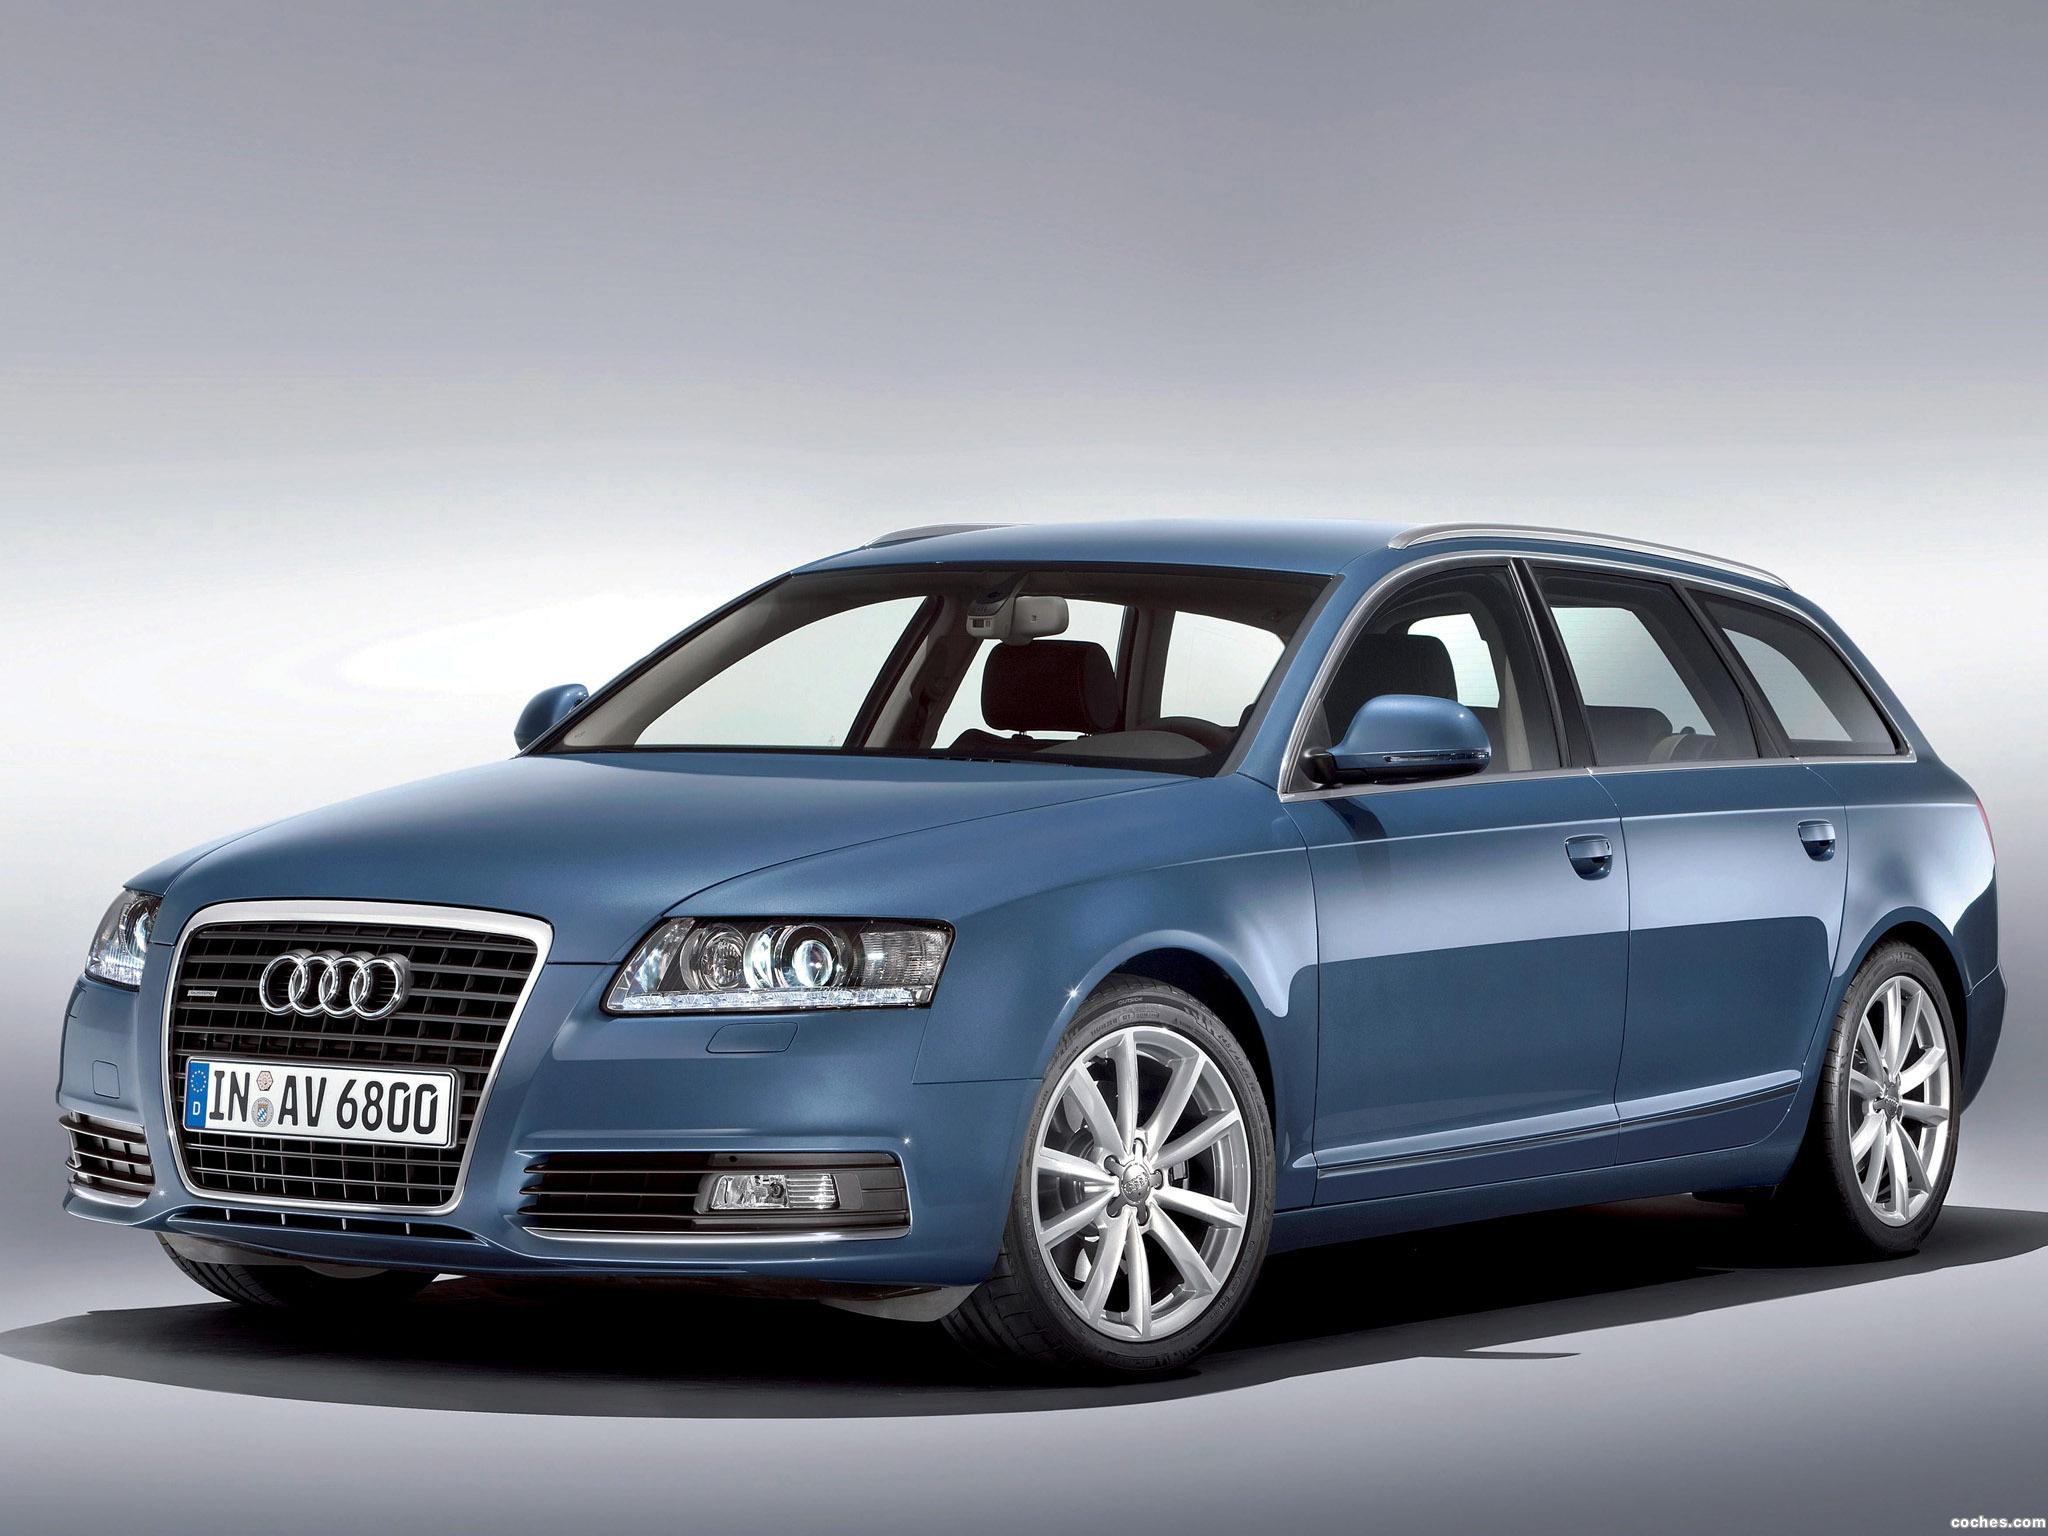 Foto 0 de Audi A6 Avant 2009